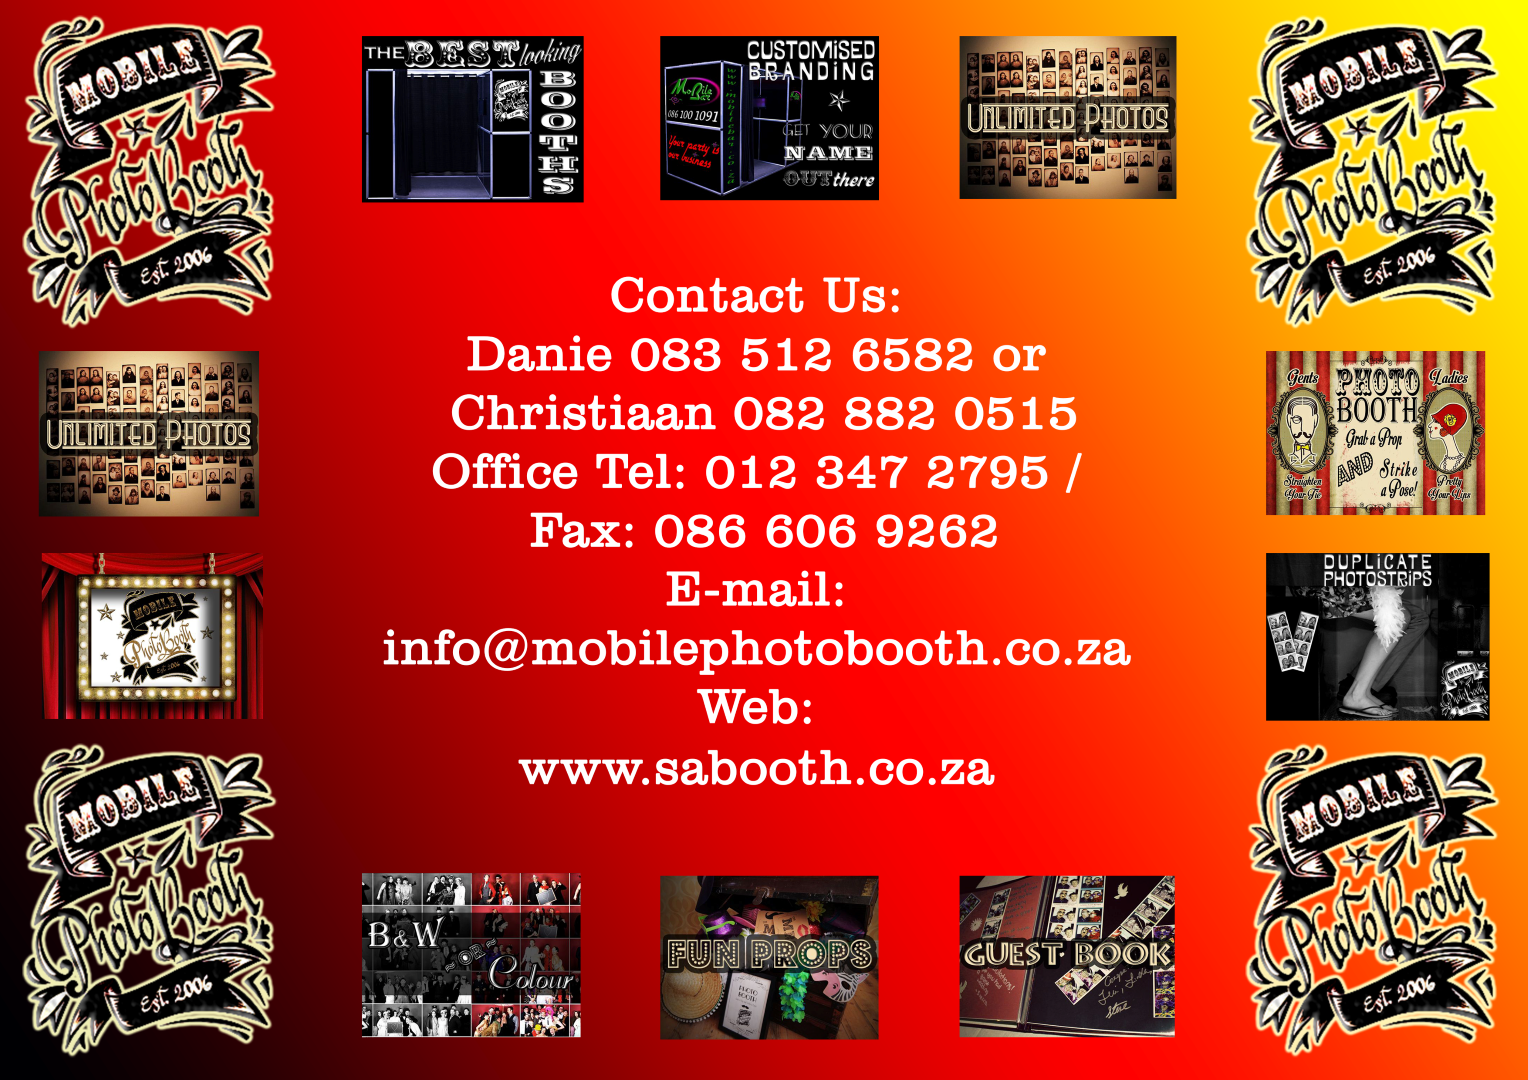 SA Booth Contact Us